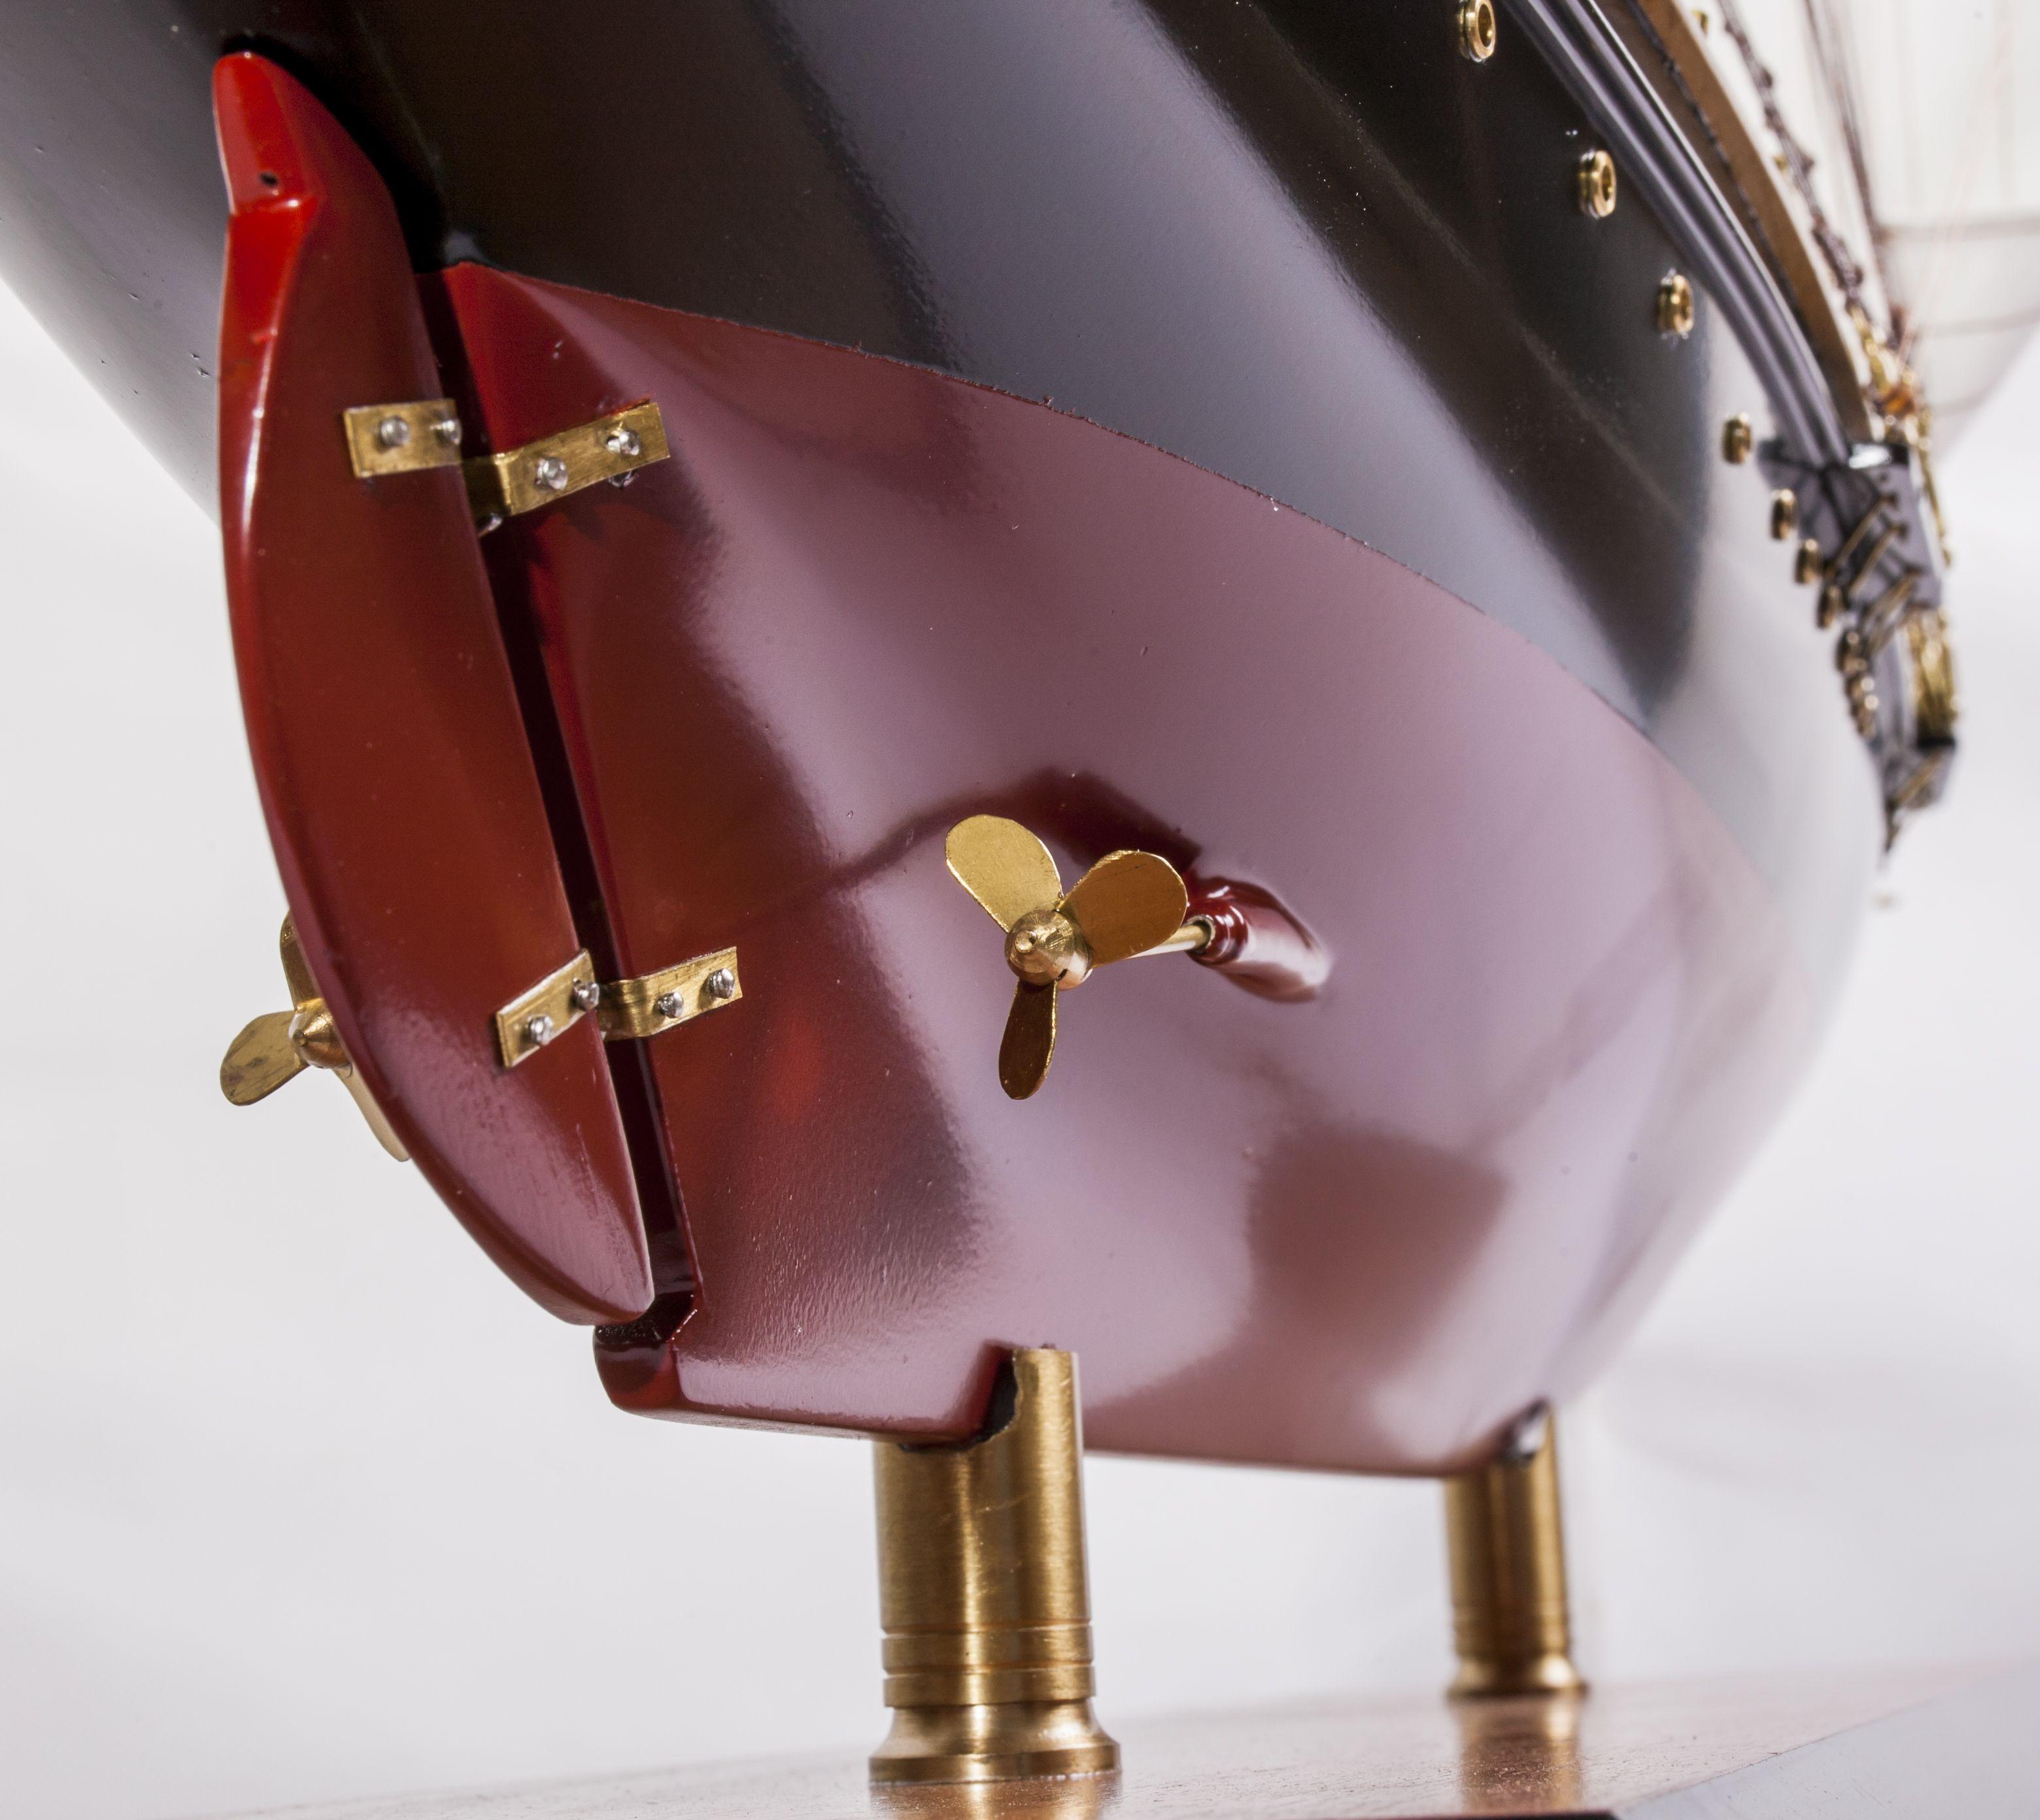 1524-9094-Sir-Winston-Churchill-Model-Boat